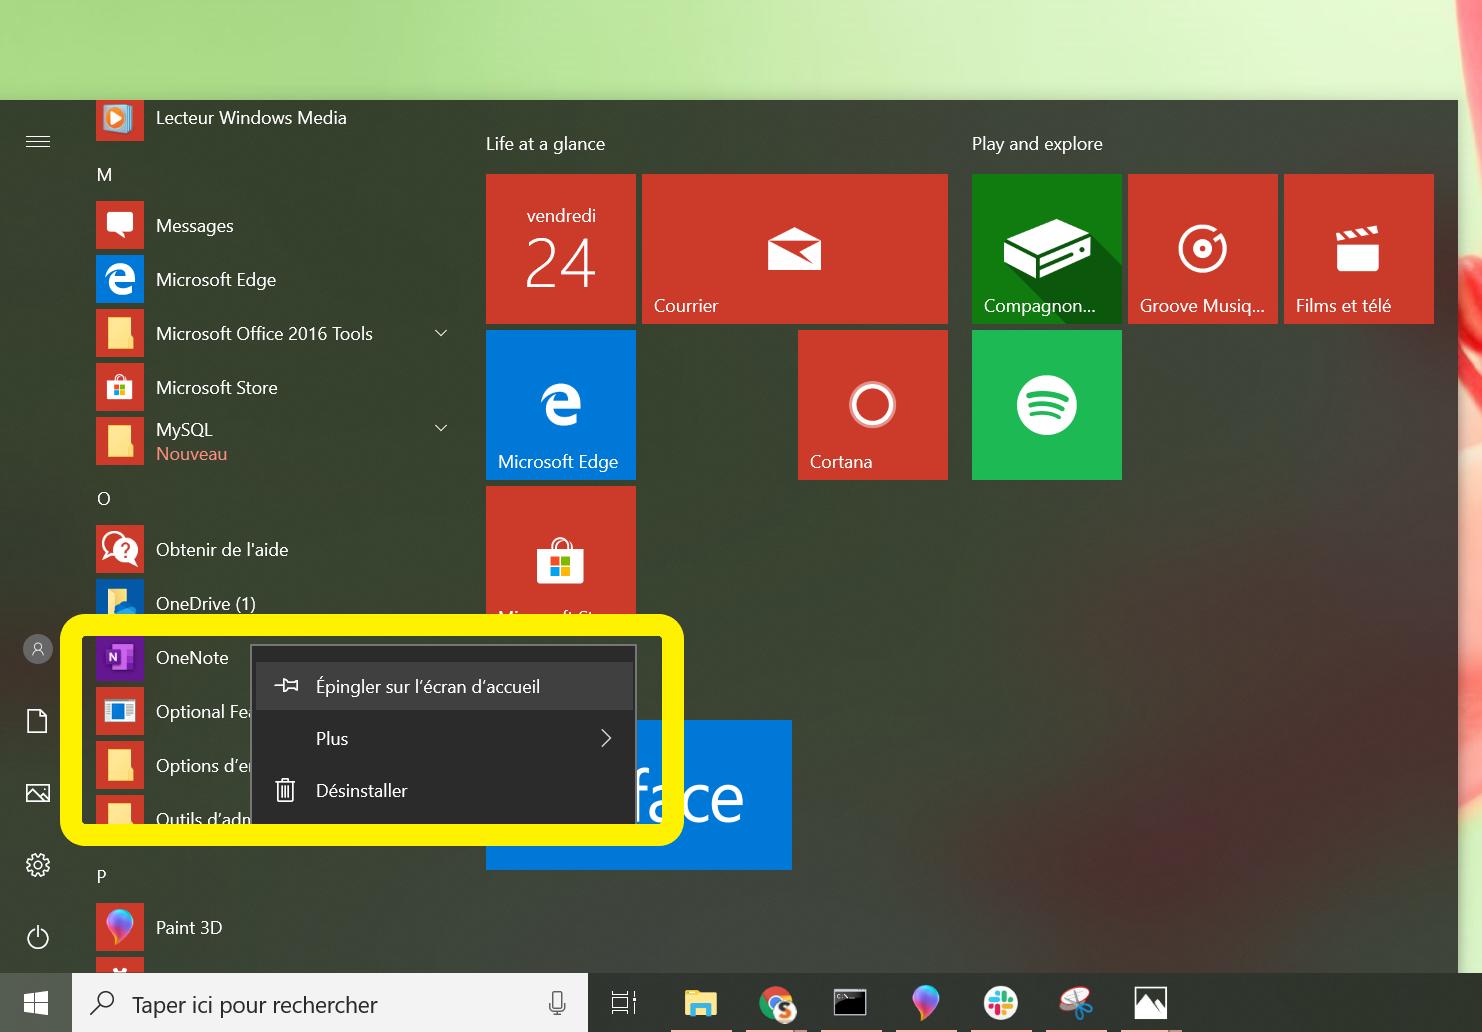 Le menu Démarrer est ouvert. Un menu déroulant est ouvert sur l'application OneNote. L'option 'Épingler sur l'écran d'accueil' est mise en surbrillance.